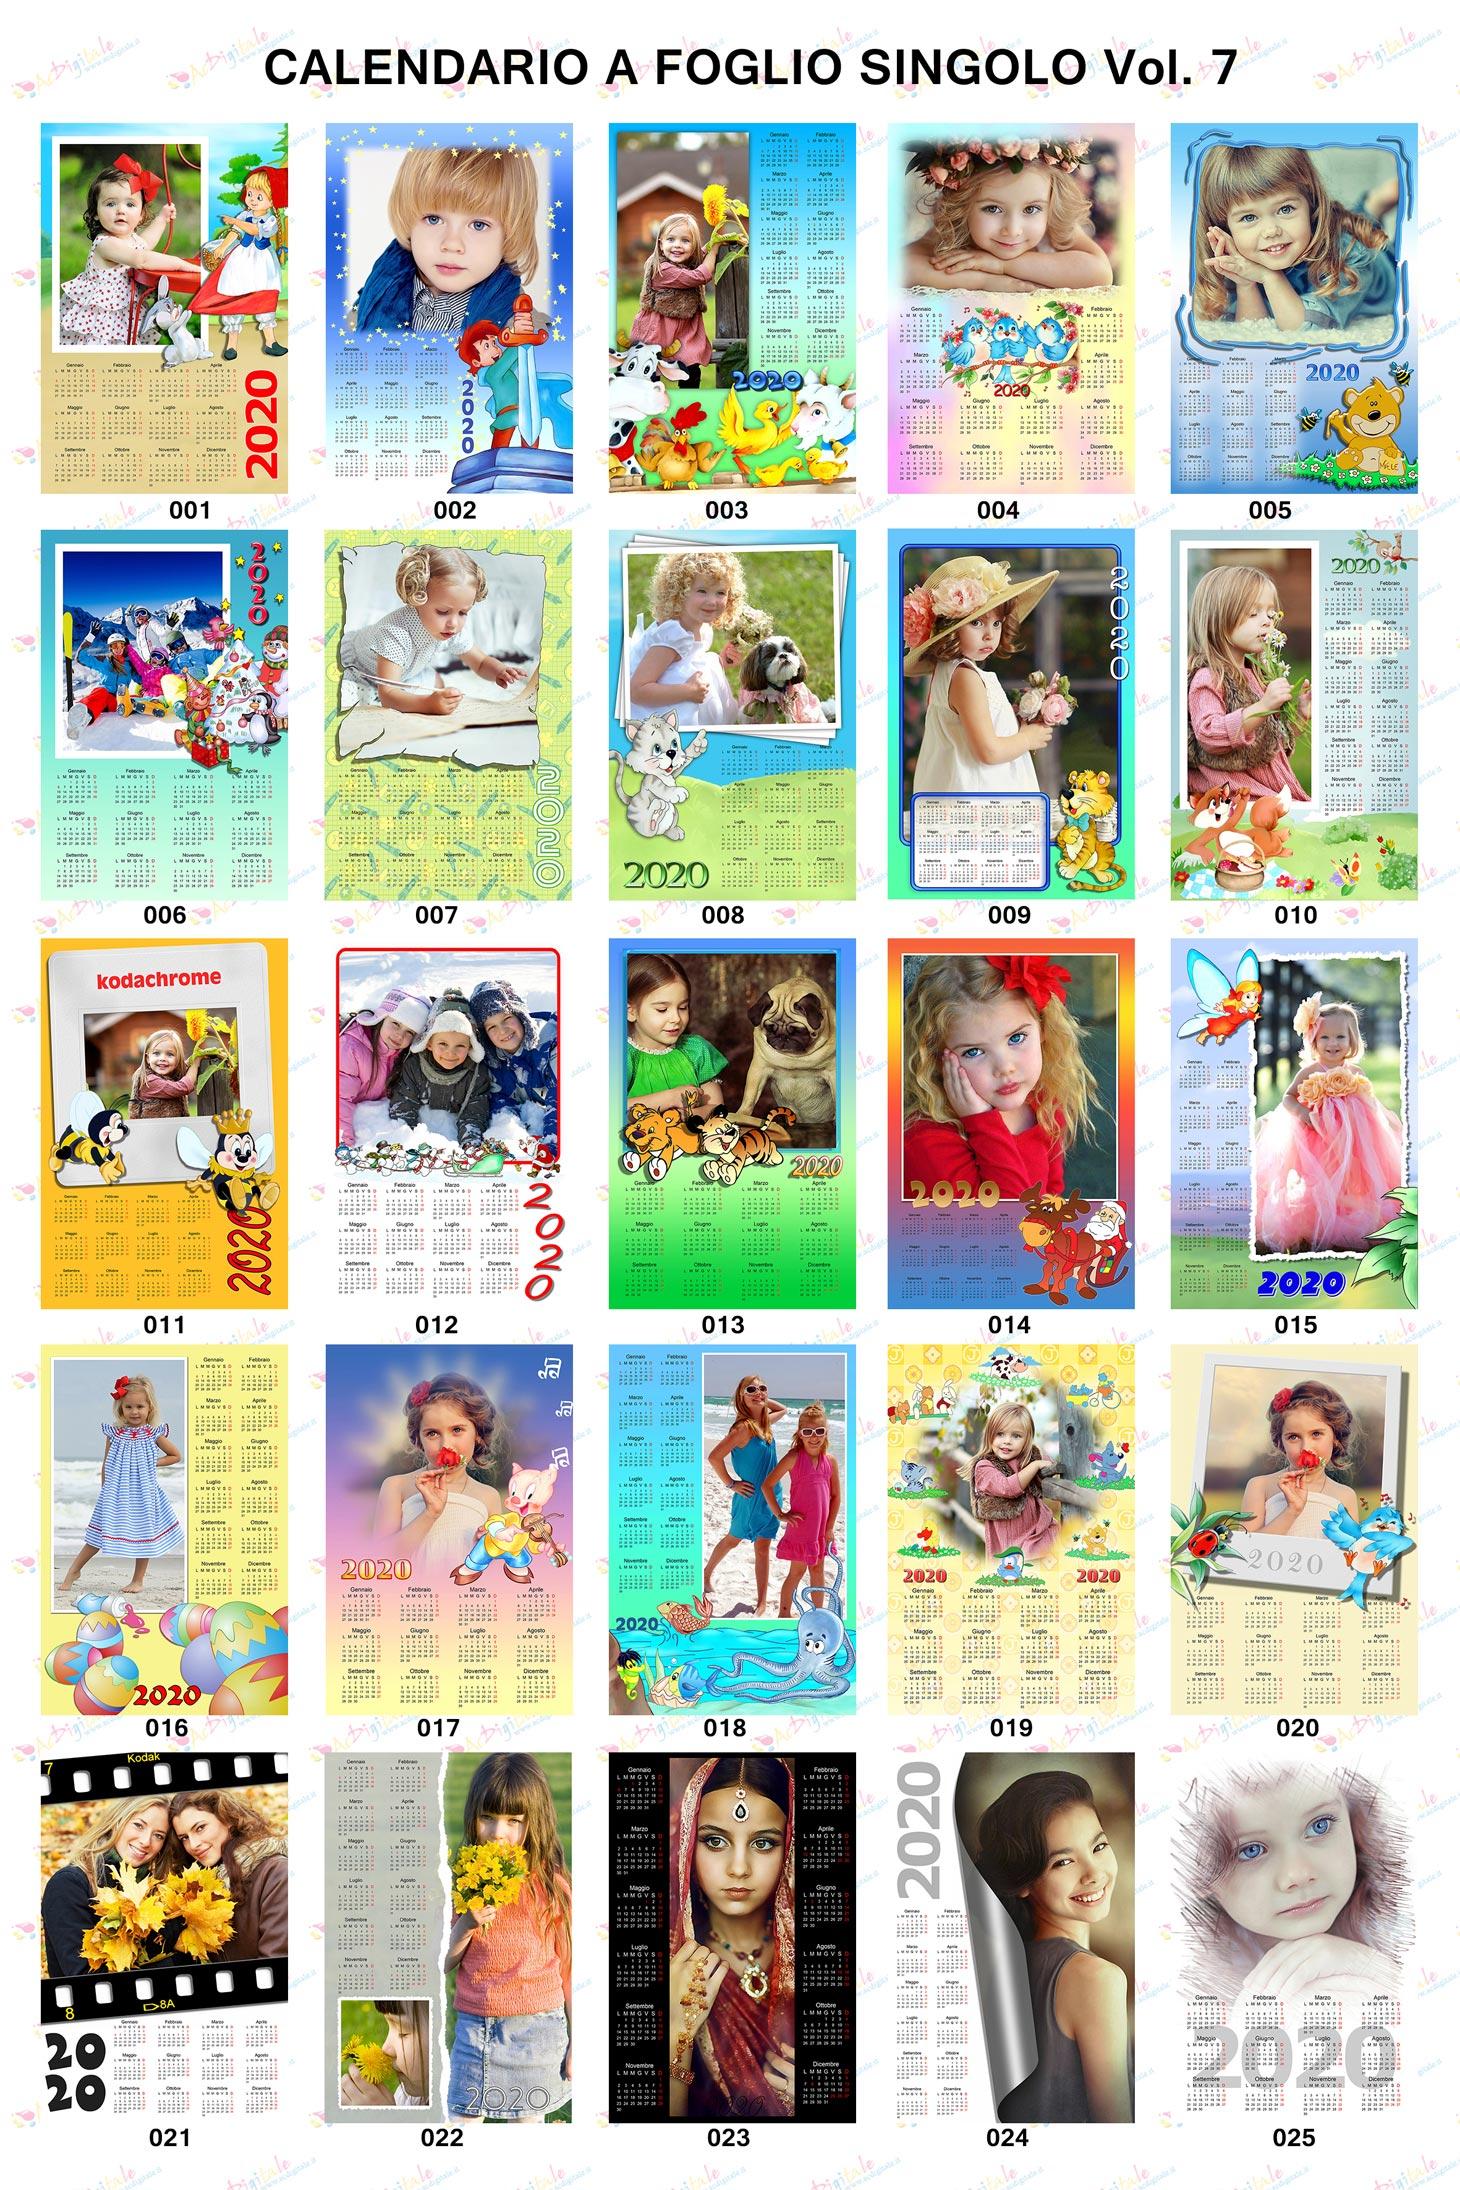 Anteprima Calendari personalizzati 2020 volume 7